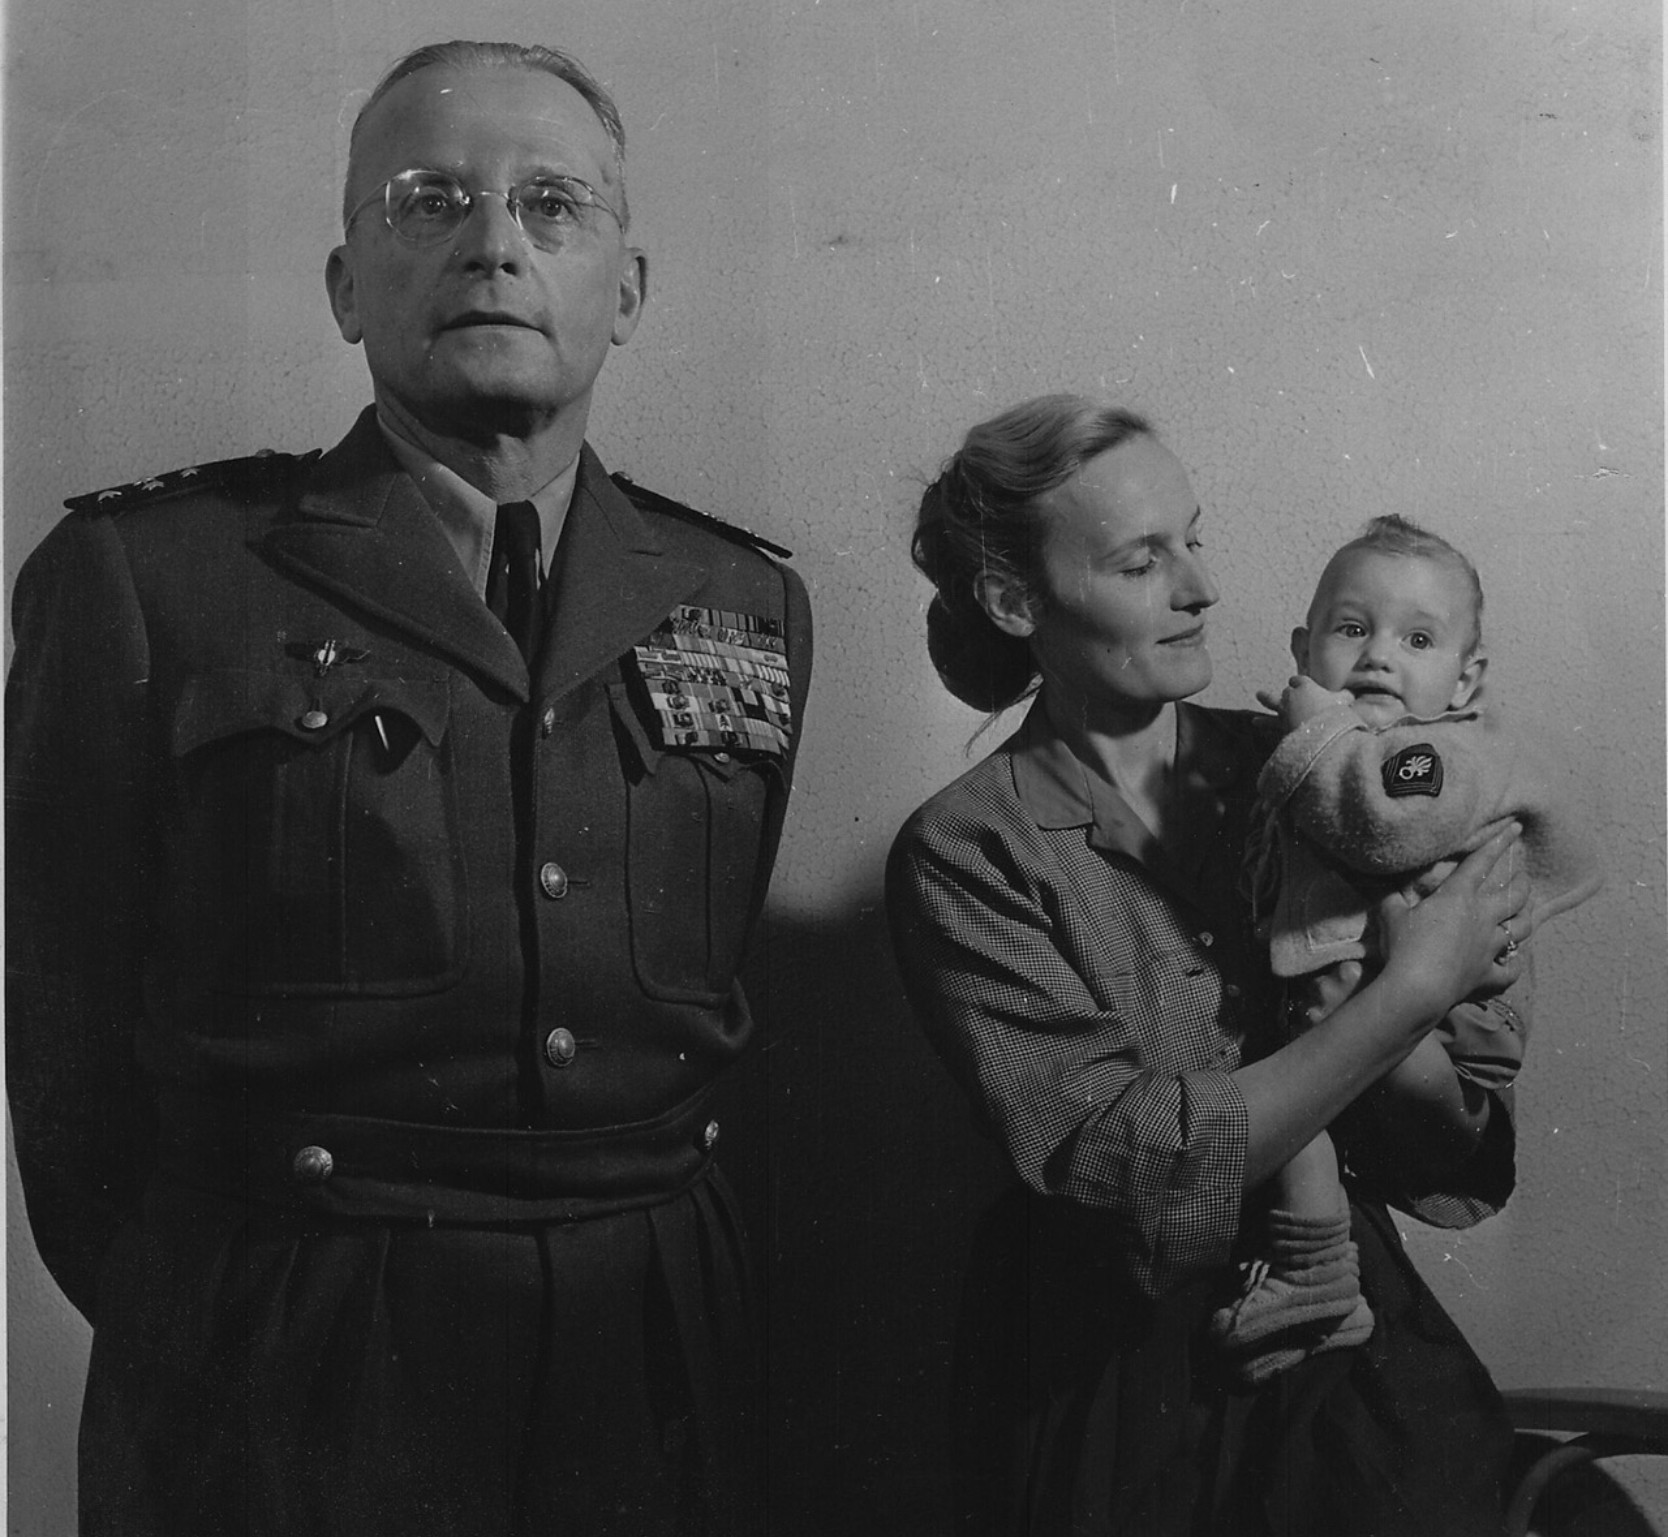 몽클라르 장군과 그의 부인과 외동딸.jpg